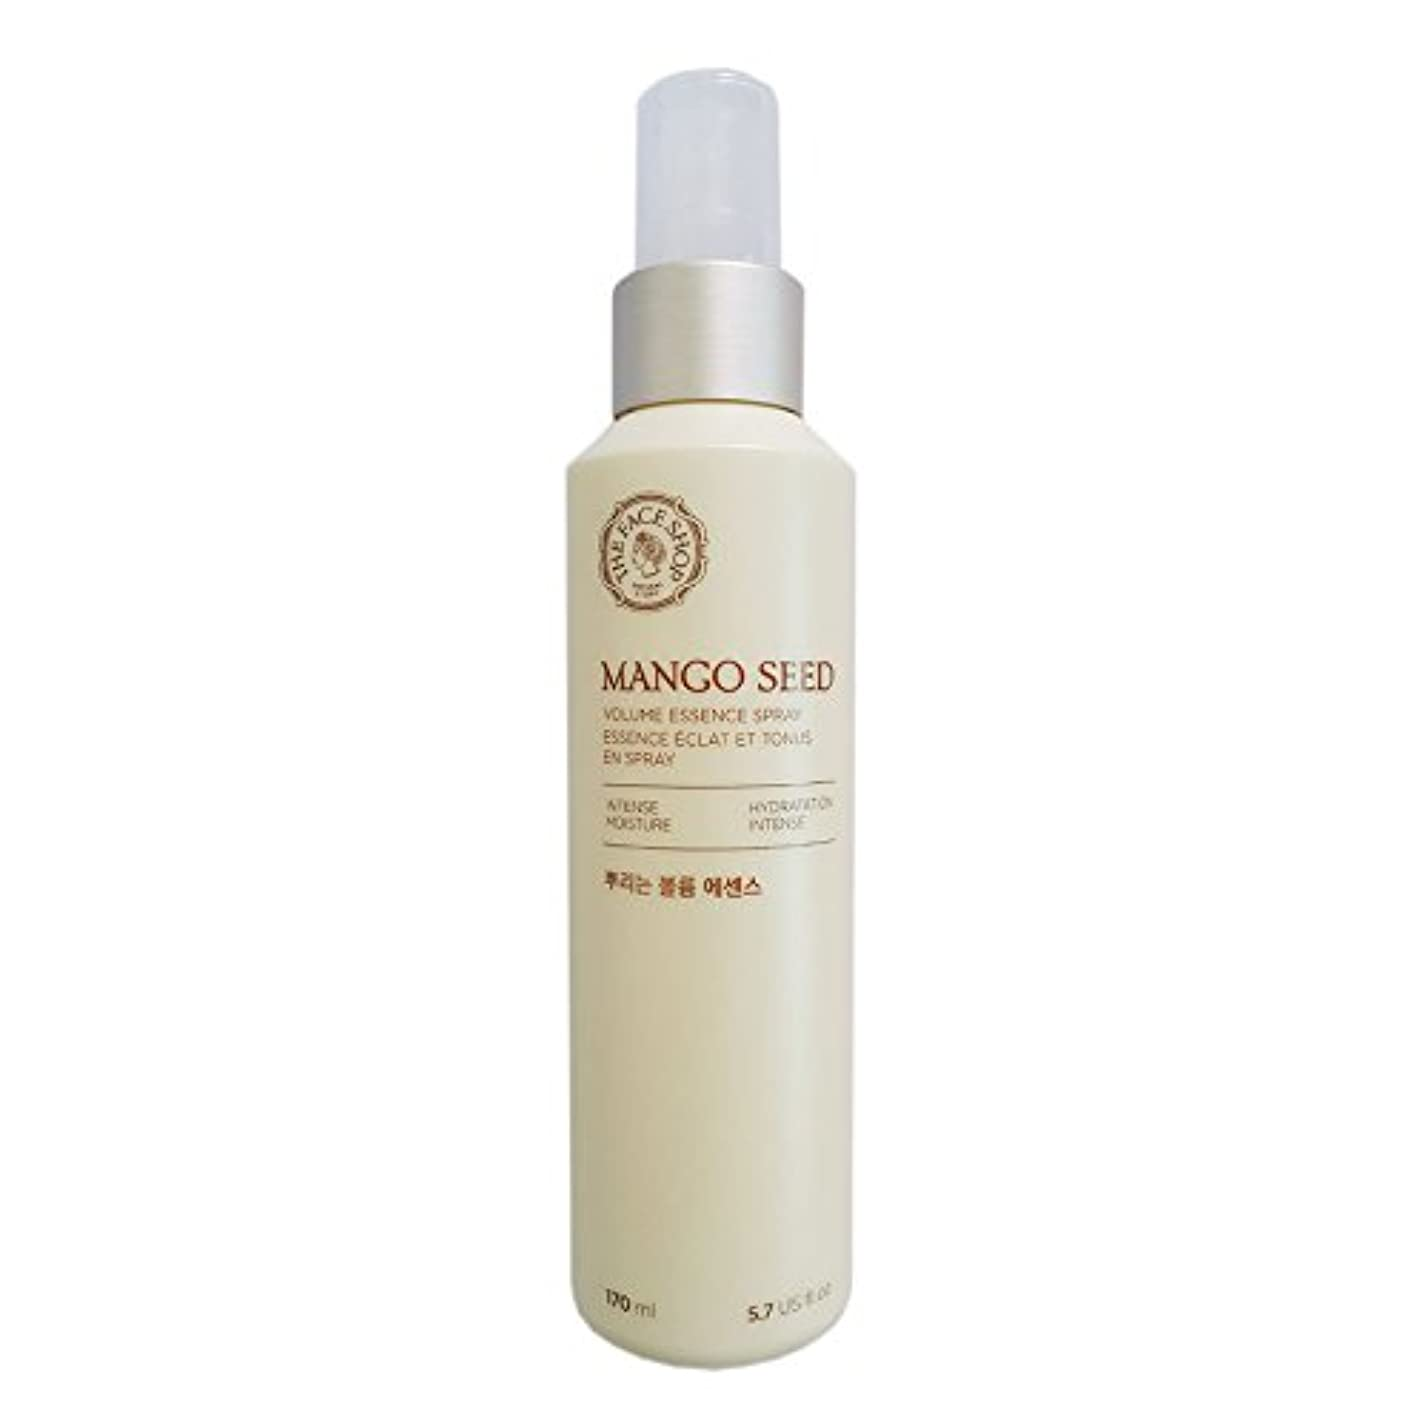 スノーケル財布テザー[ザフェイスショップ] THE FACE SHOP マンゴシードスプレーボリューム?エッセンス(170ml) The Face Shop Mango Seed Volume Essence Spray (170ml) [...